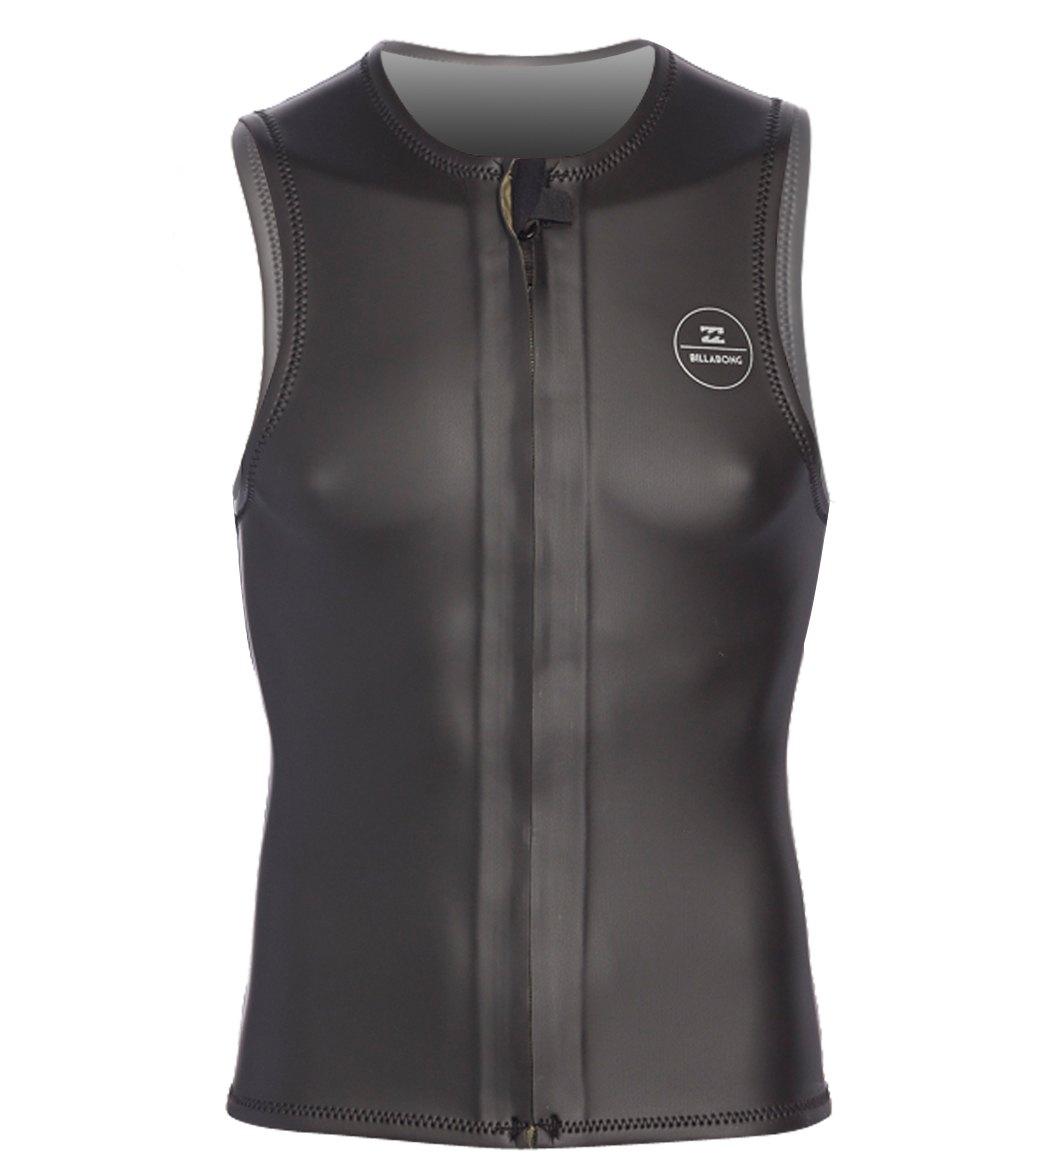 Billabong Men s 2 2mm Revolution GBS Front Zip Wetsuit Vest at ... ec8f0f089